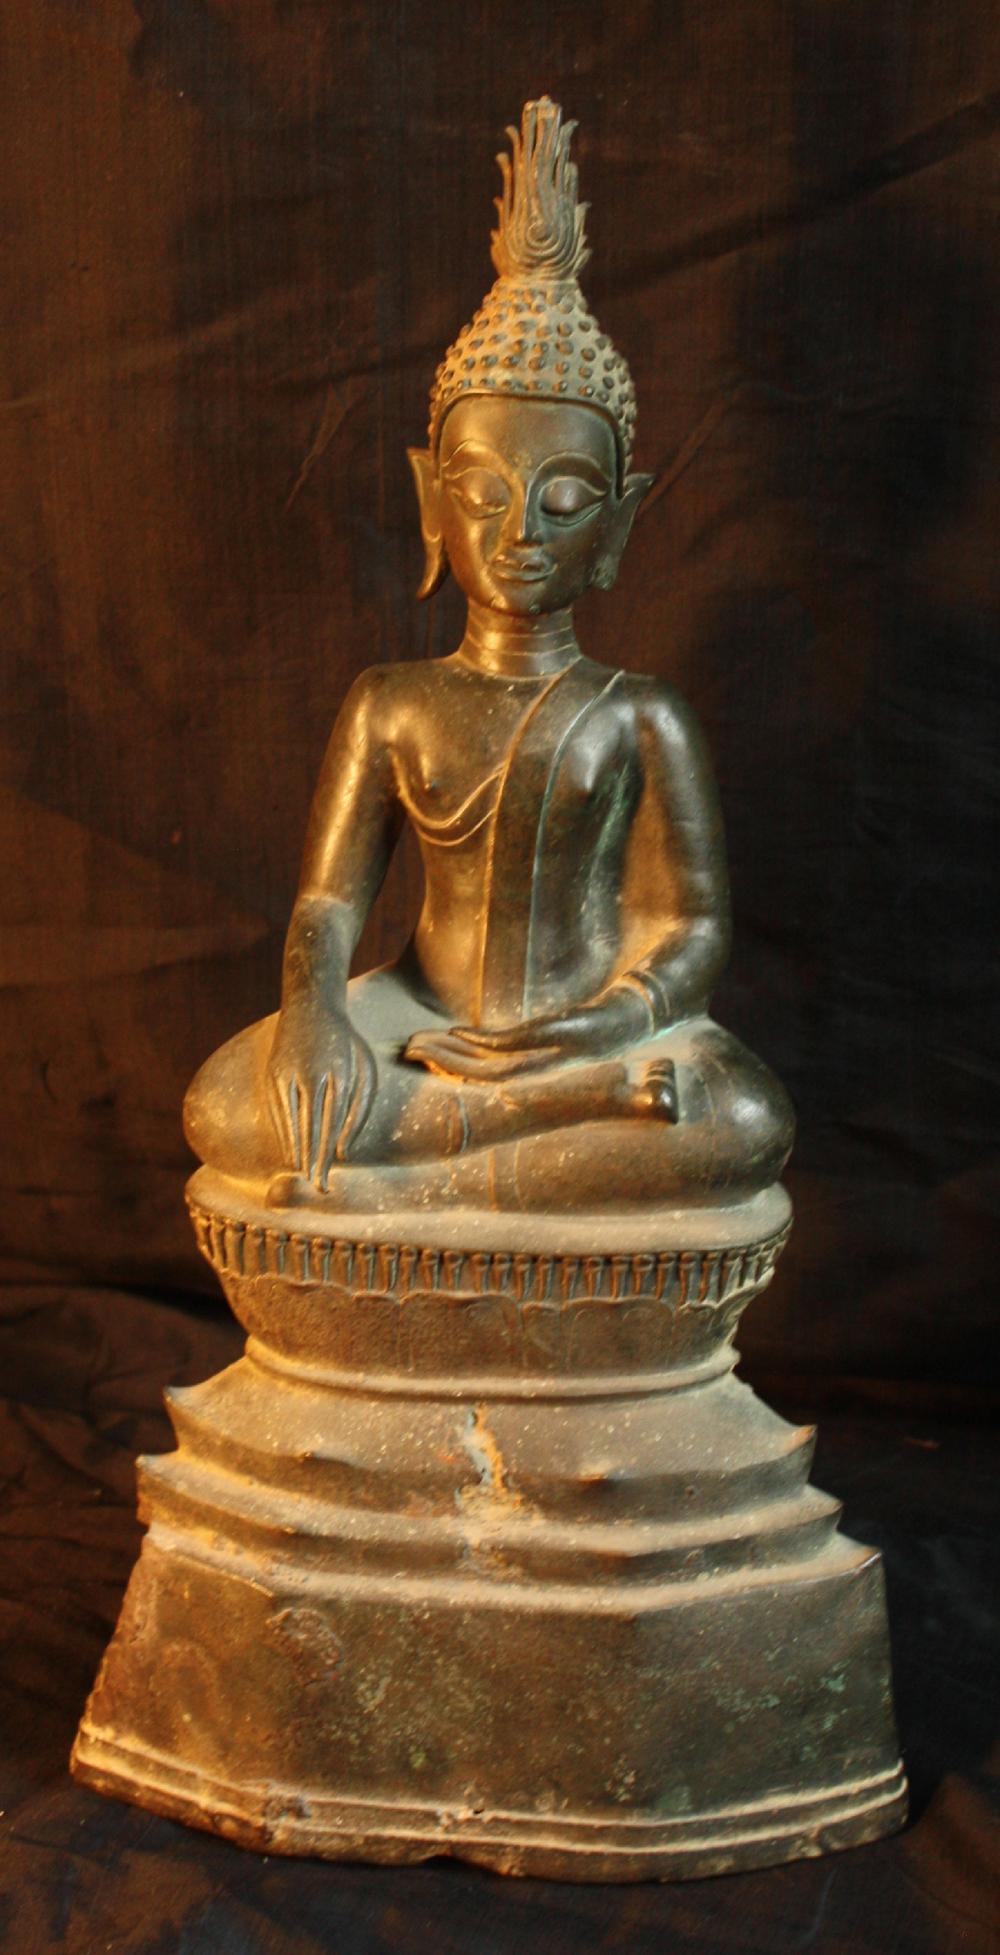 2502/1  Sitting Buddha Statue